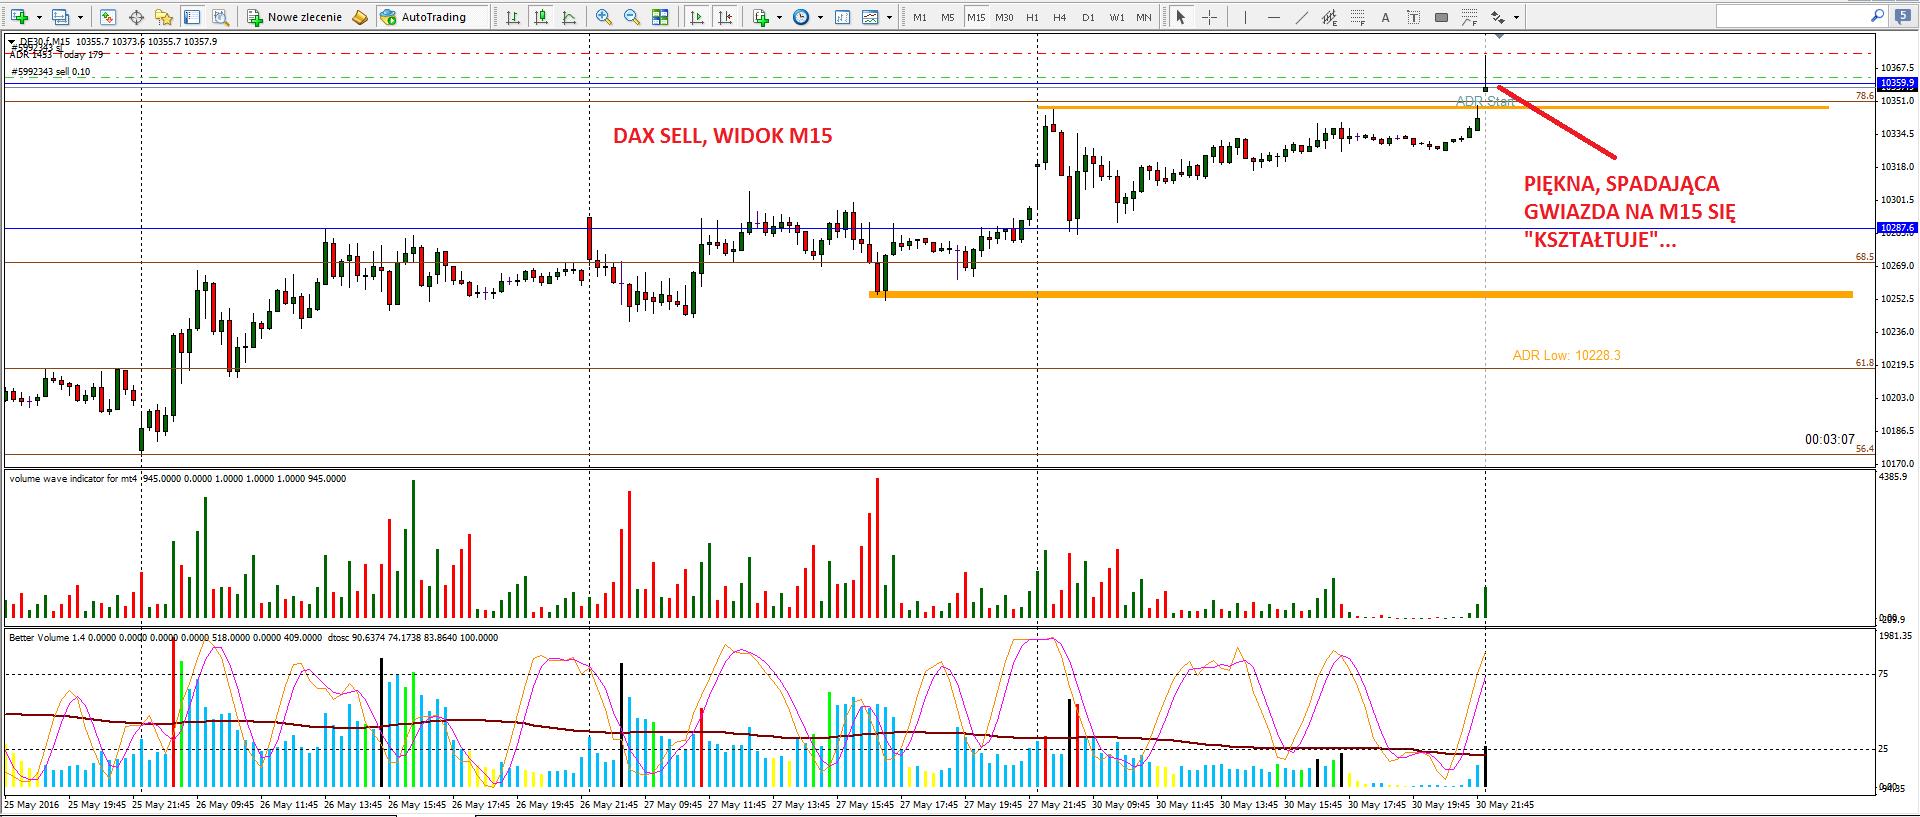 4-renko-scalping na renko-forex-skuteczna strategia-myforex-trader-trading-waluty-dax-prosta strategia tradingowa-broker-sukces-wolumen-vsa-świece japońskie-trading